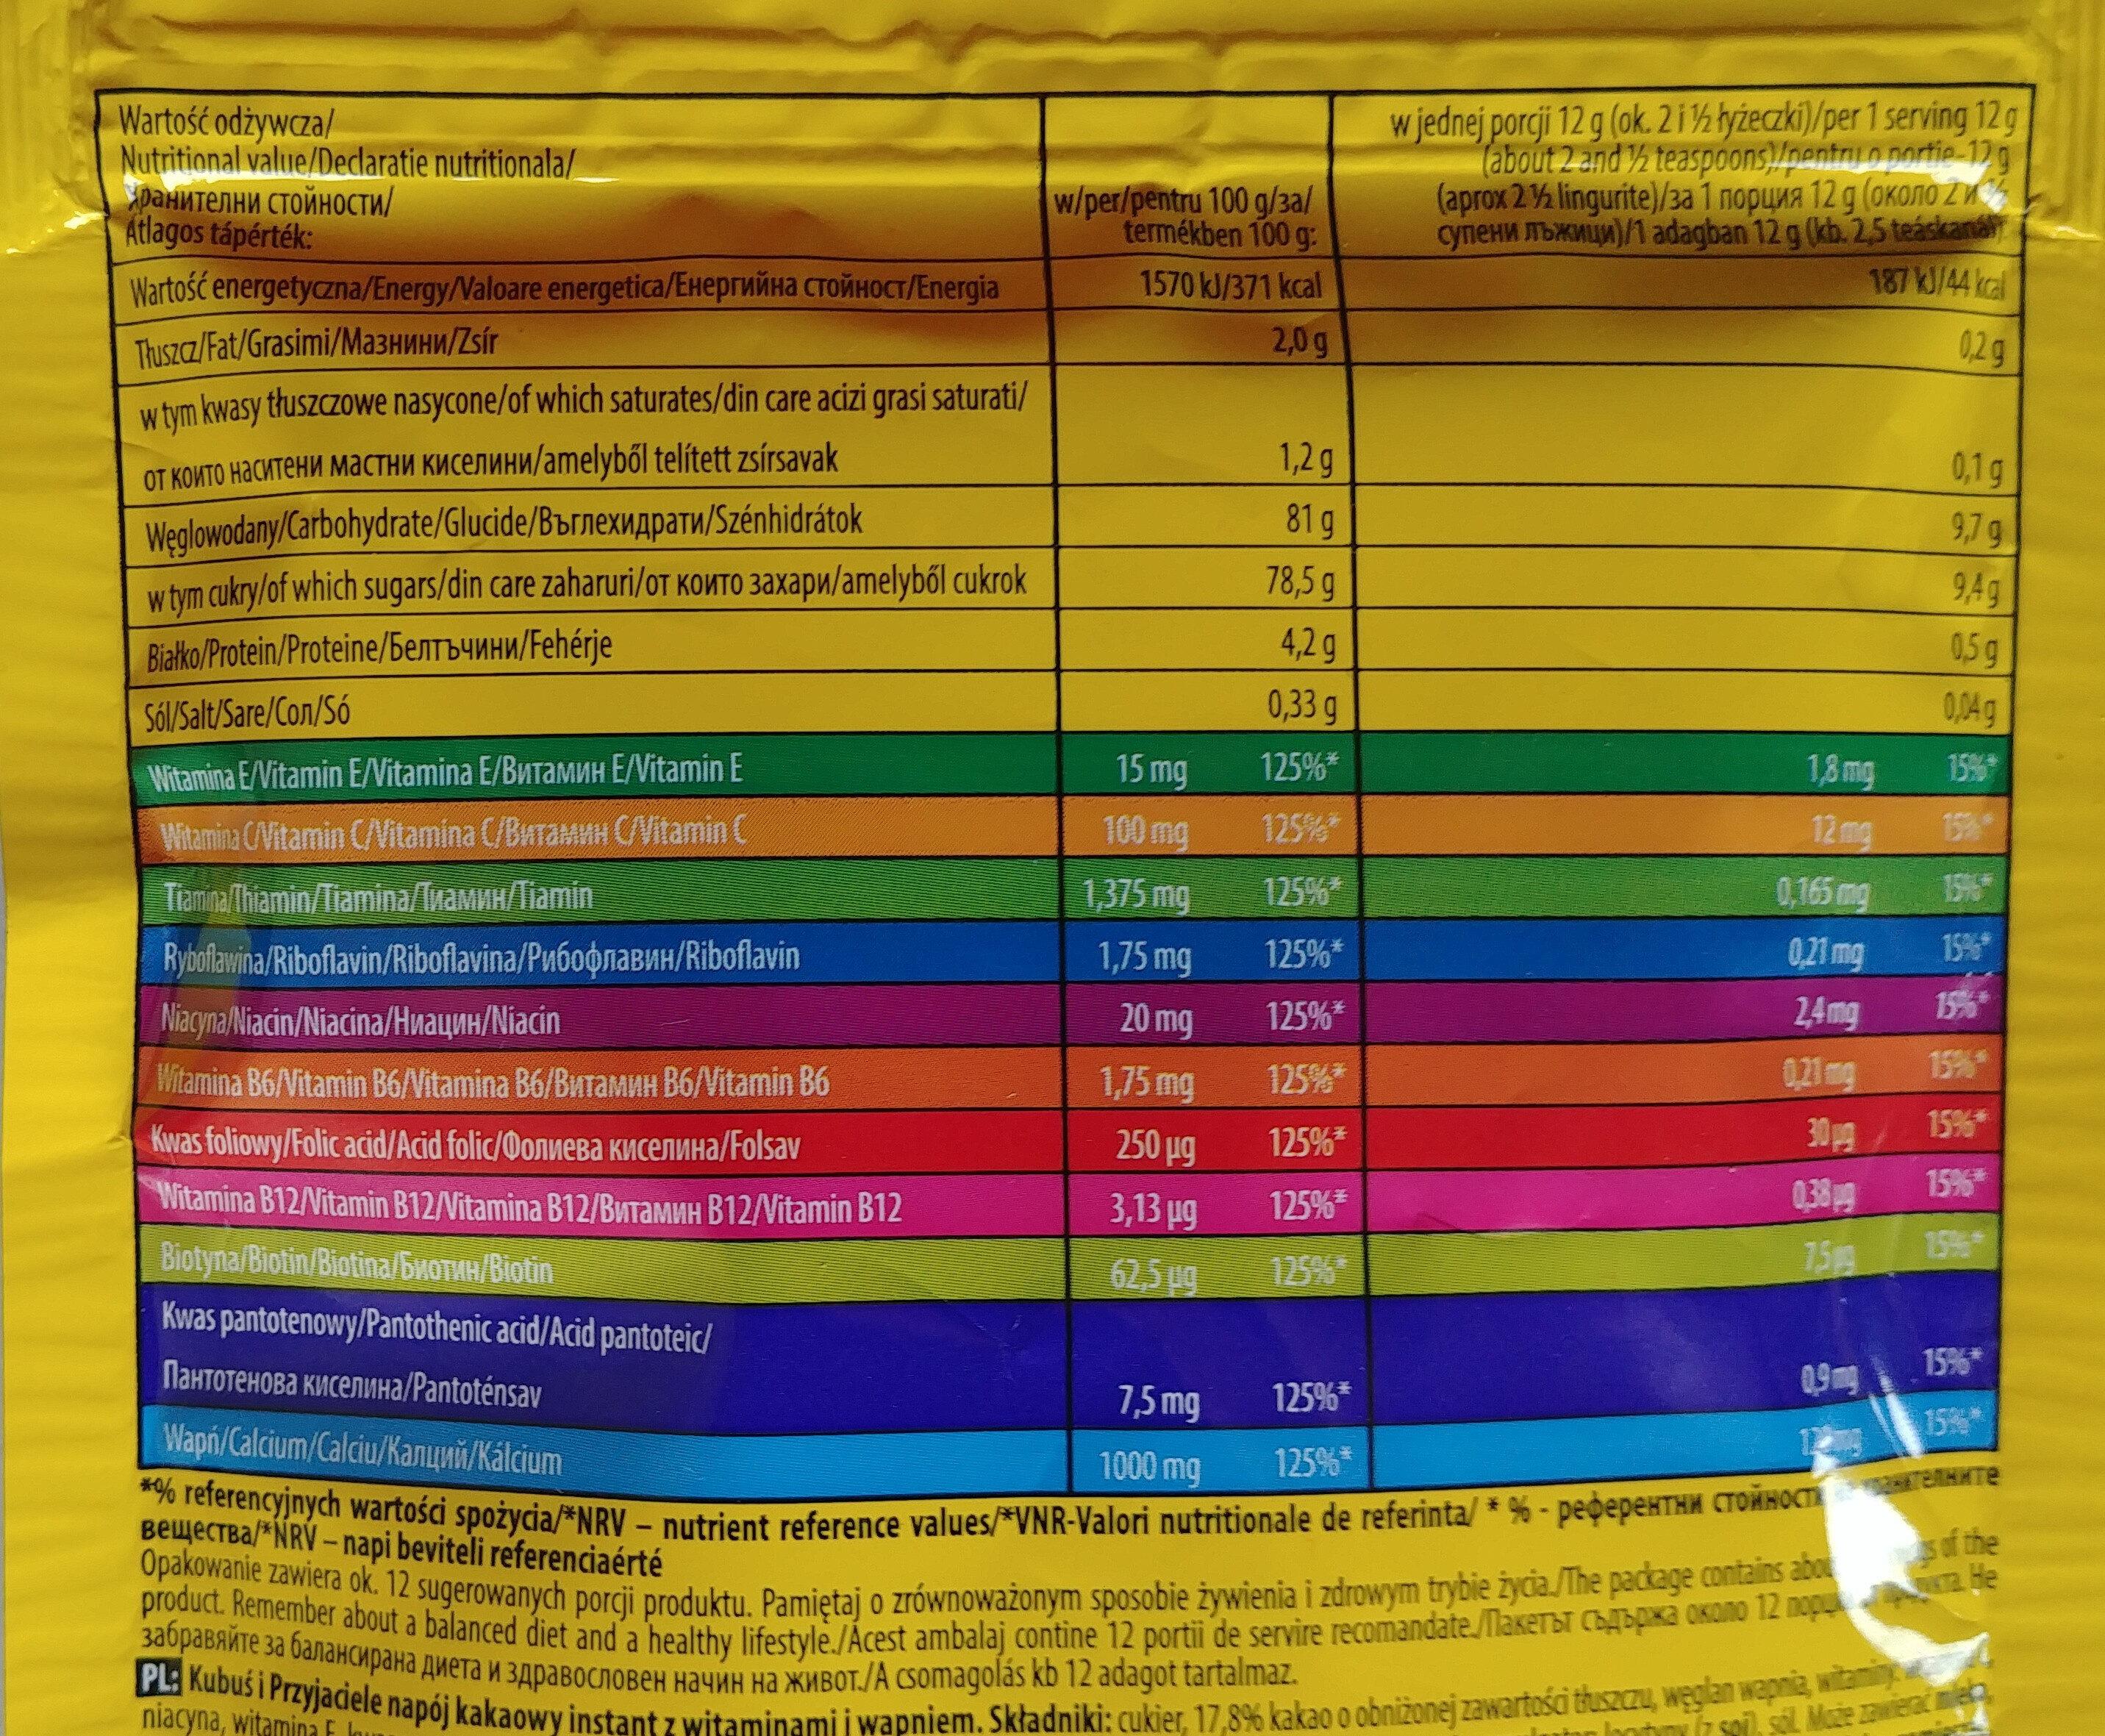 Kubuś i przyjaciele napój kakaowy instant z witaminami i wapniem. - Nutrition facts - en